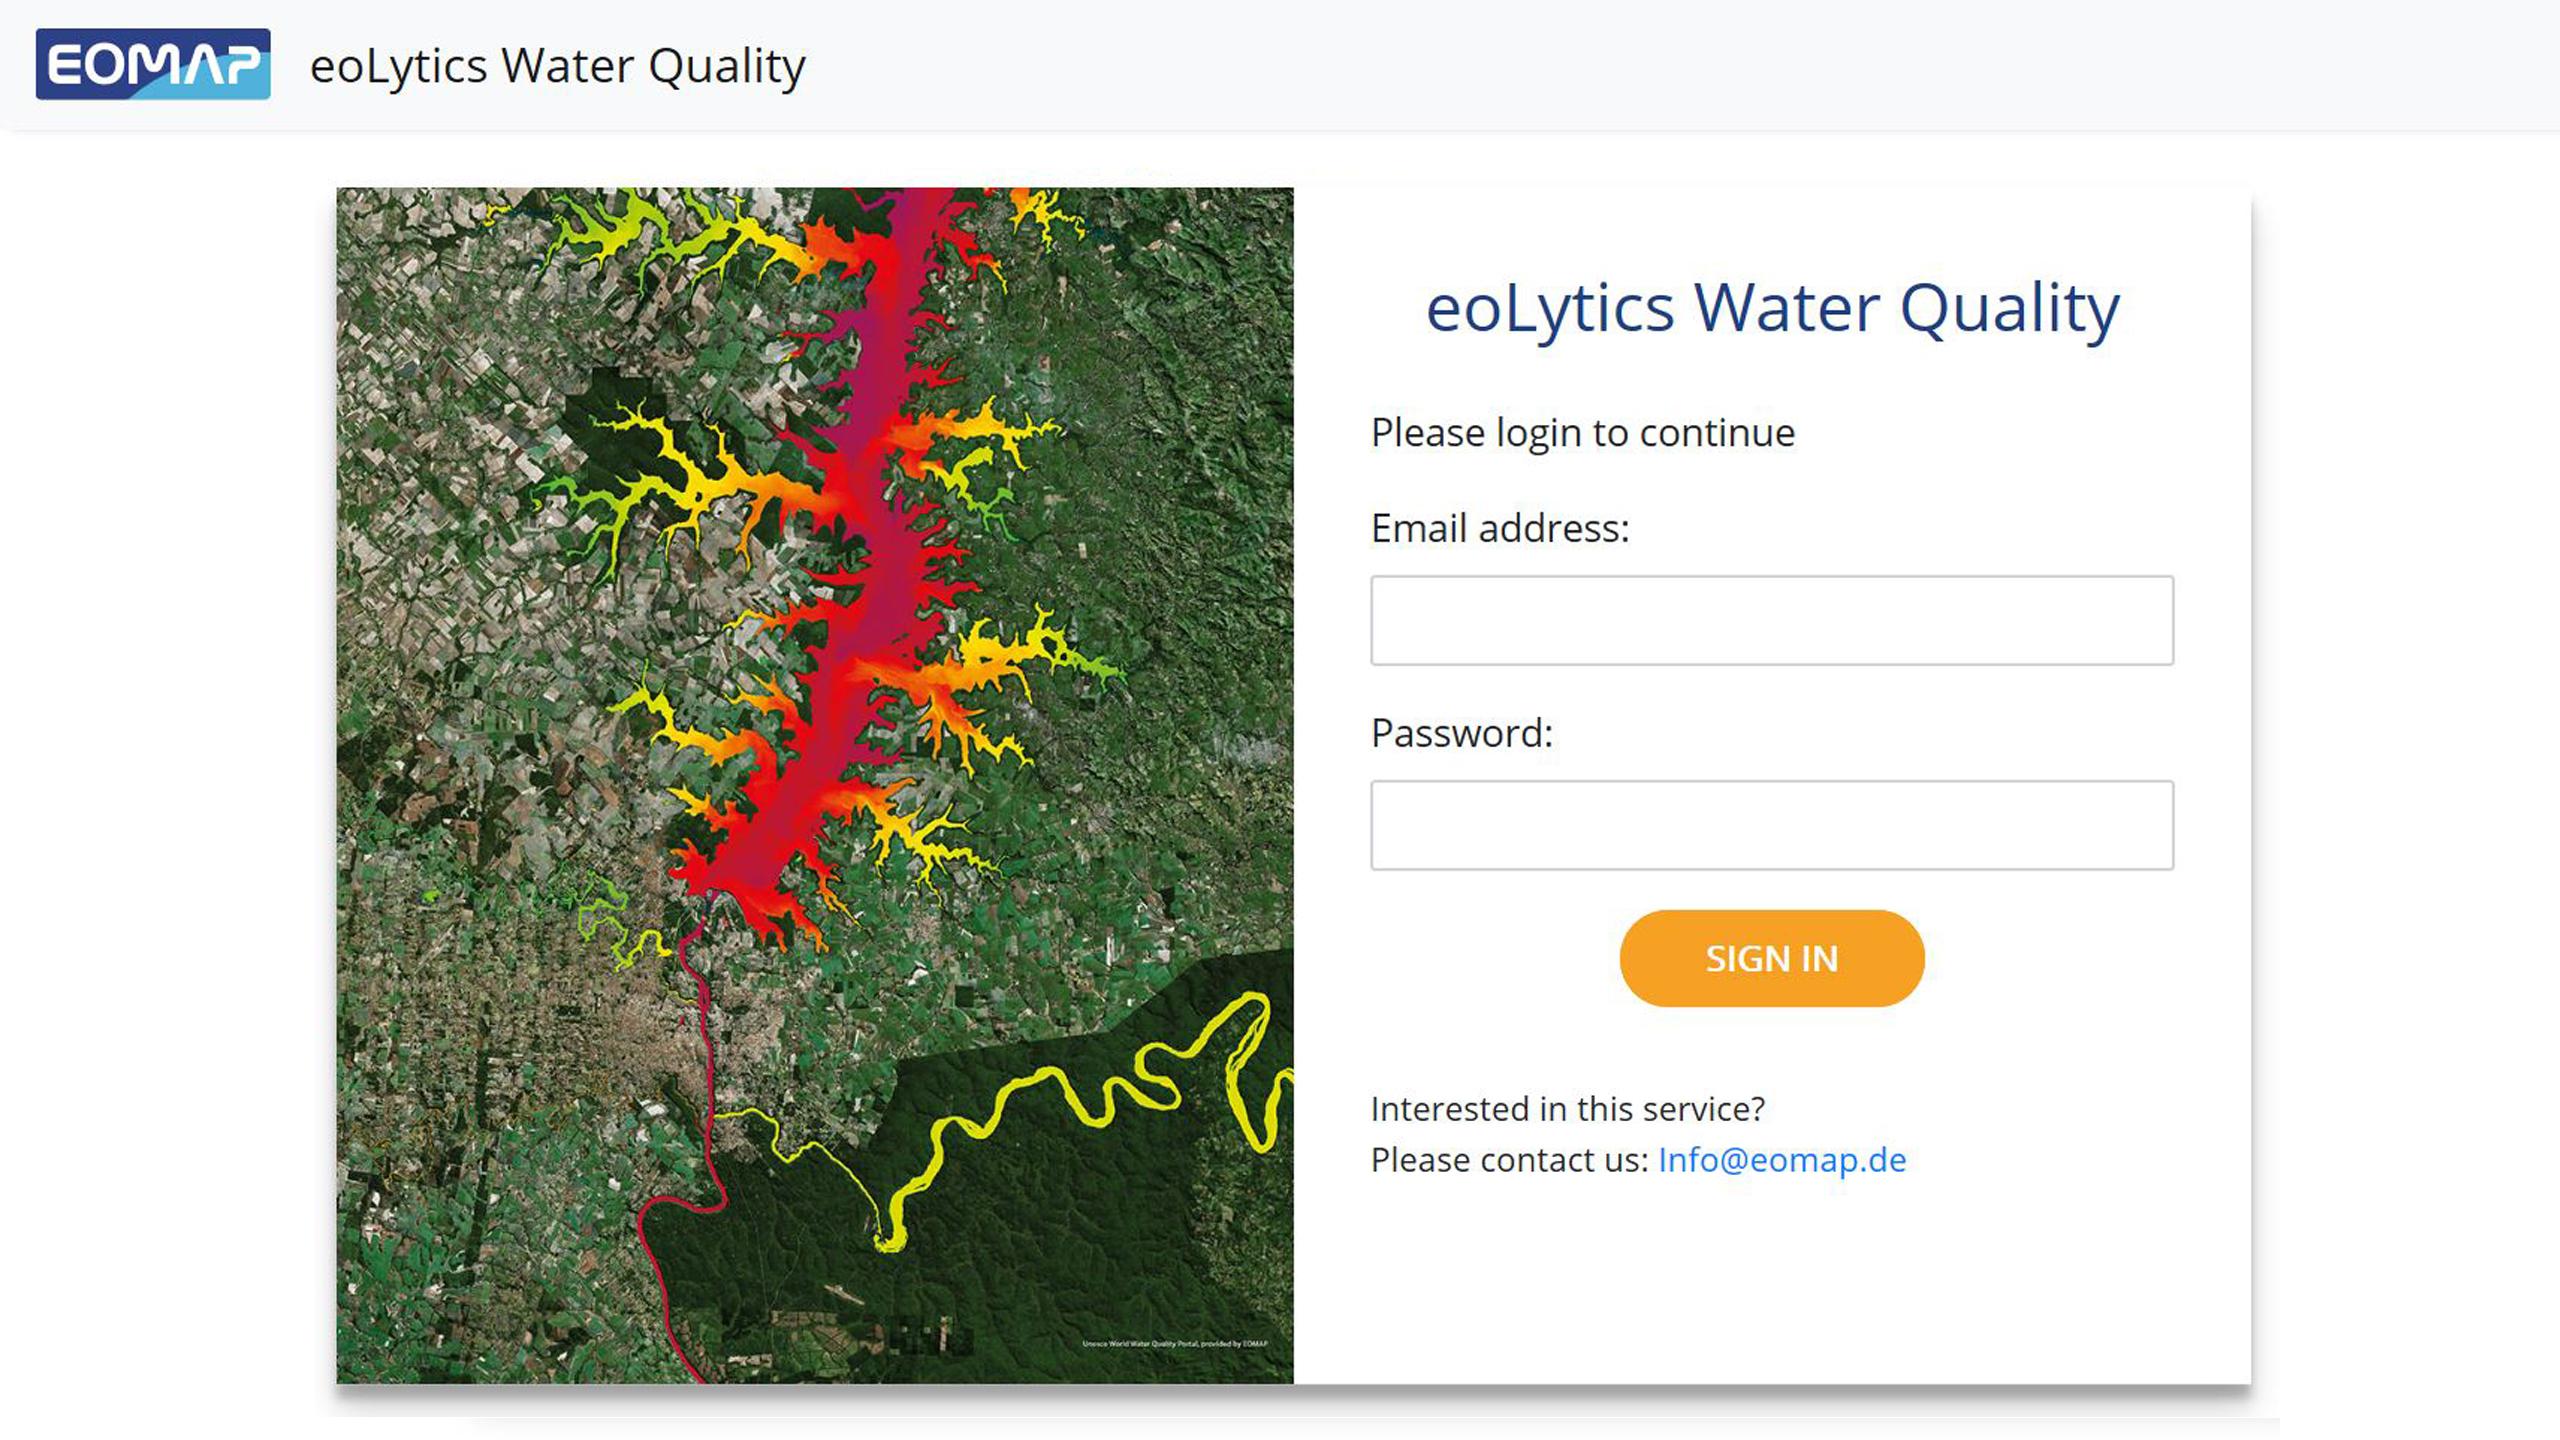 EOMAP eoLytics Water Quality